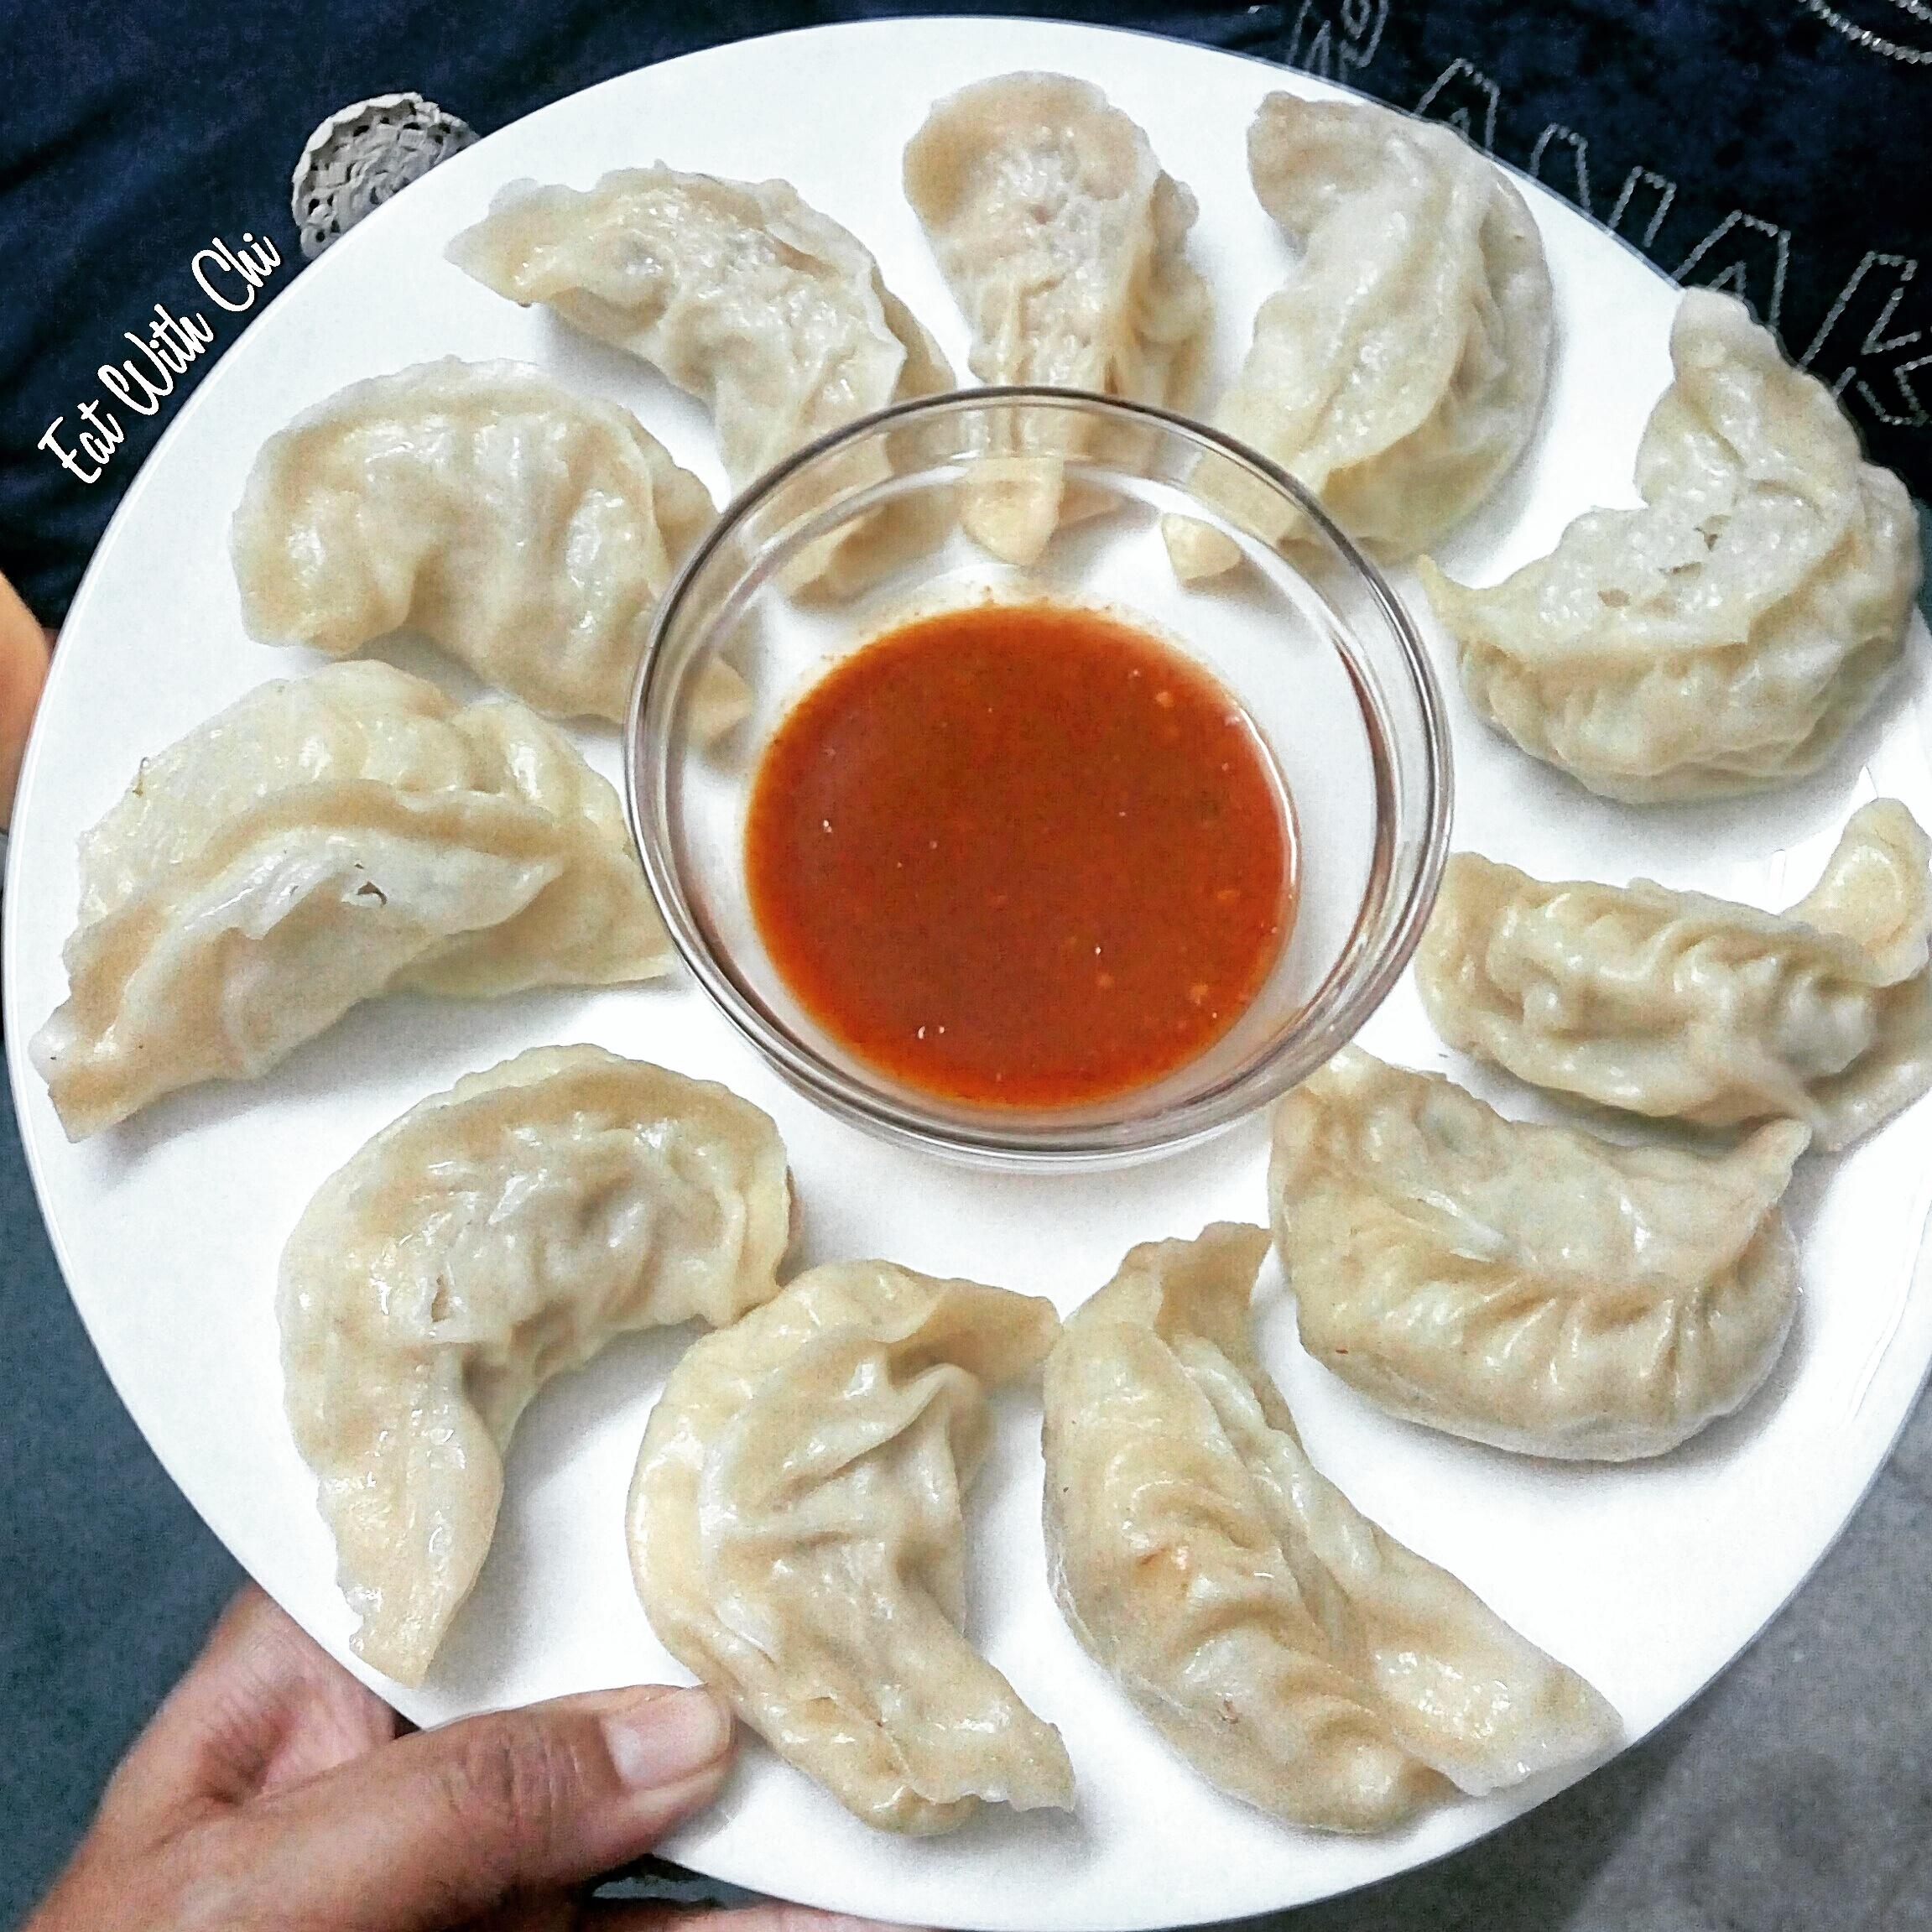 Best Things to Eat in Malviya Nagar, South Delhi